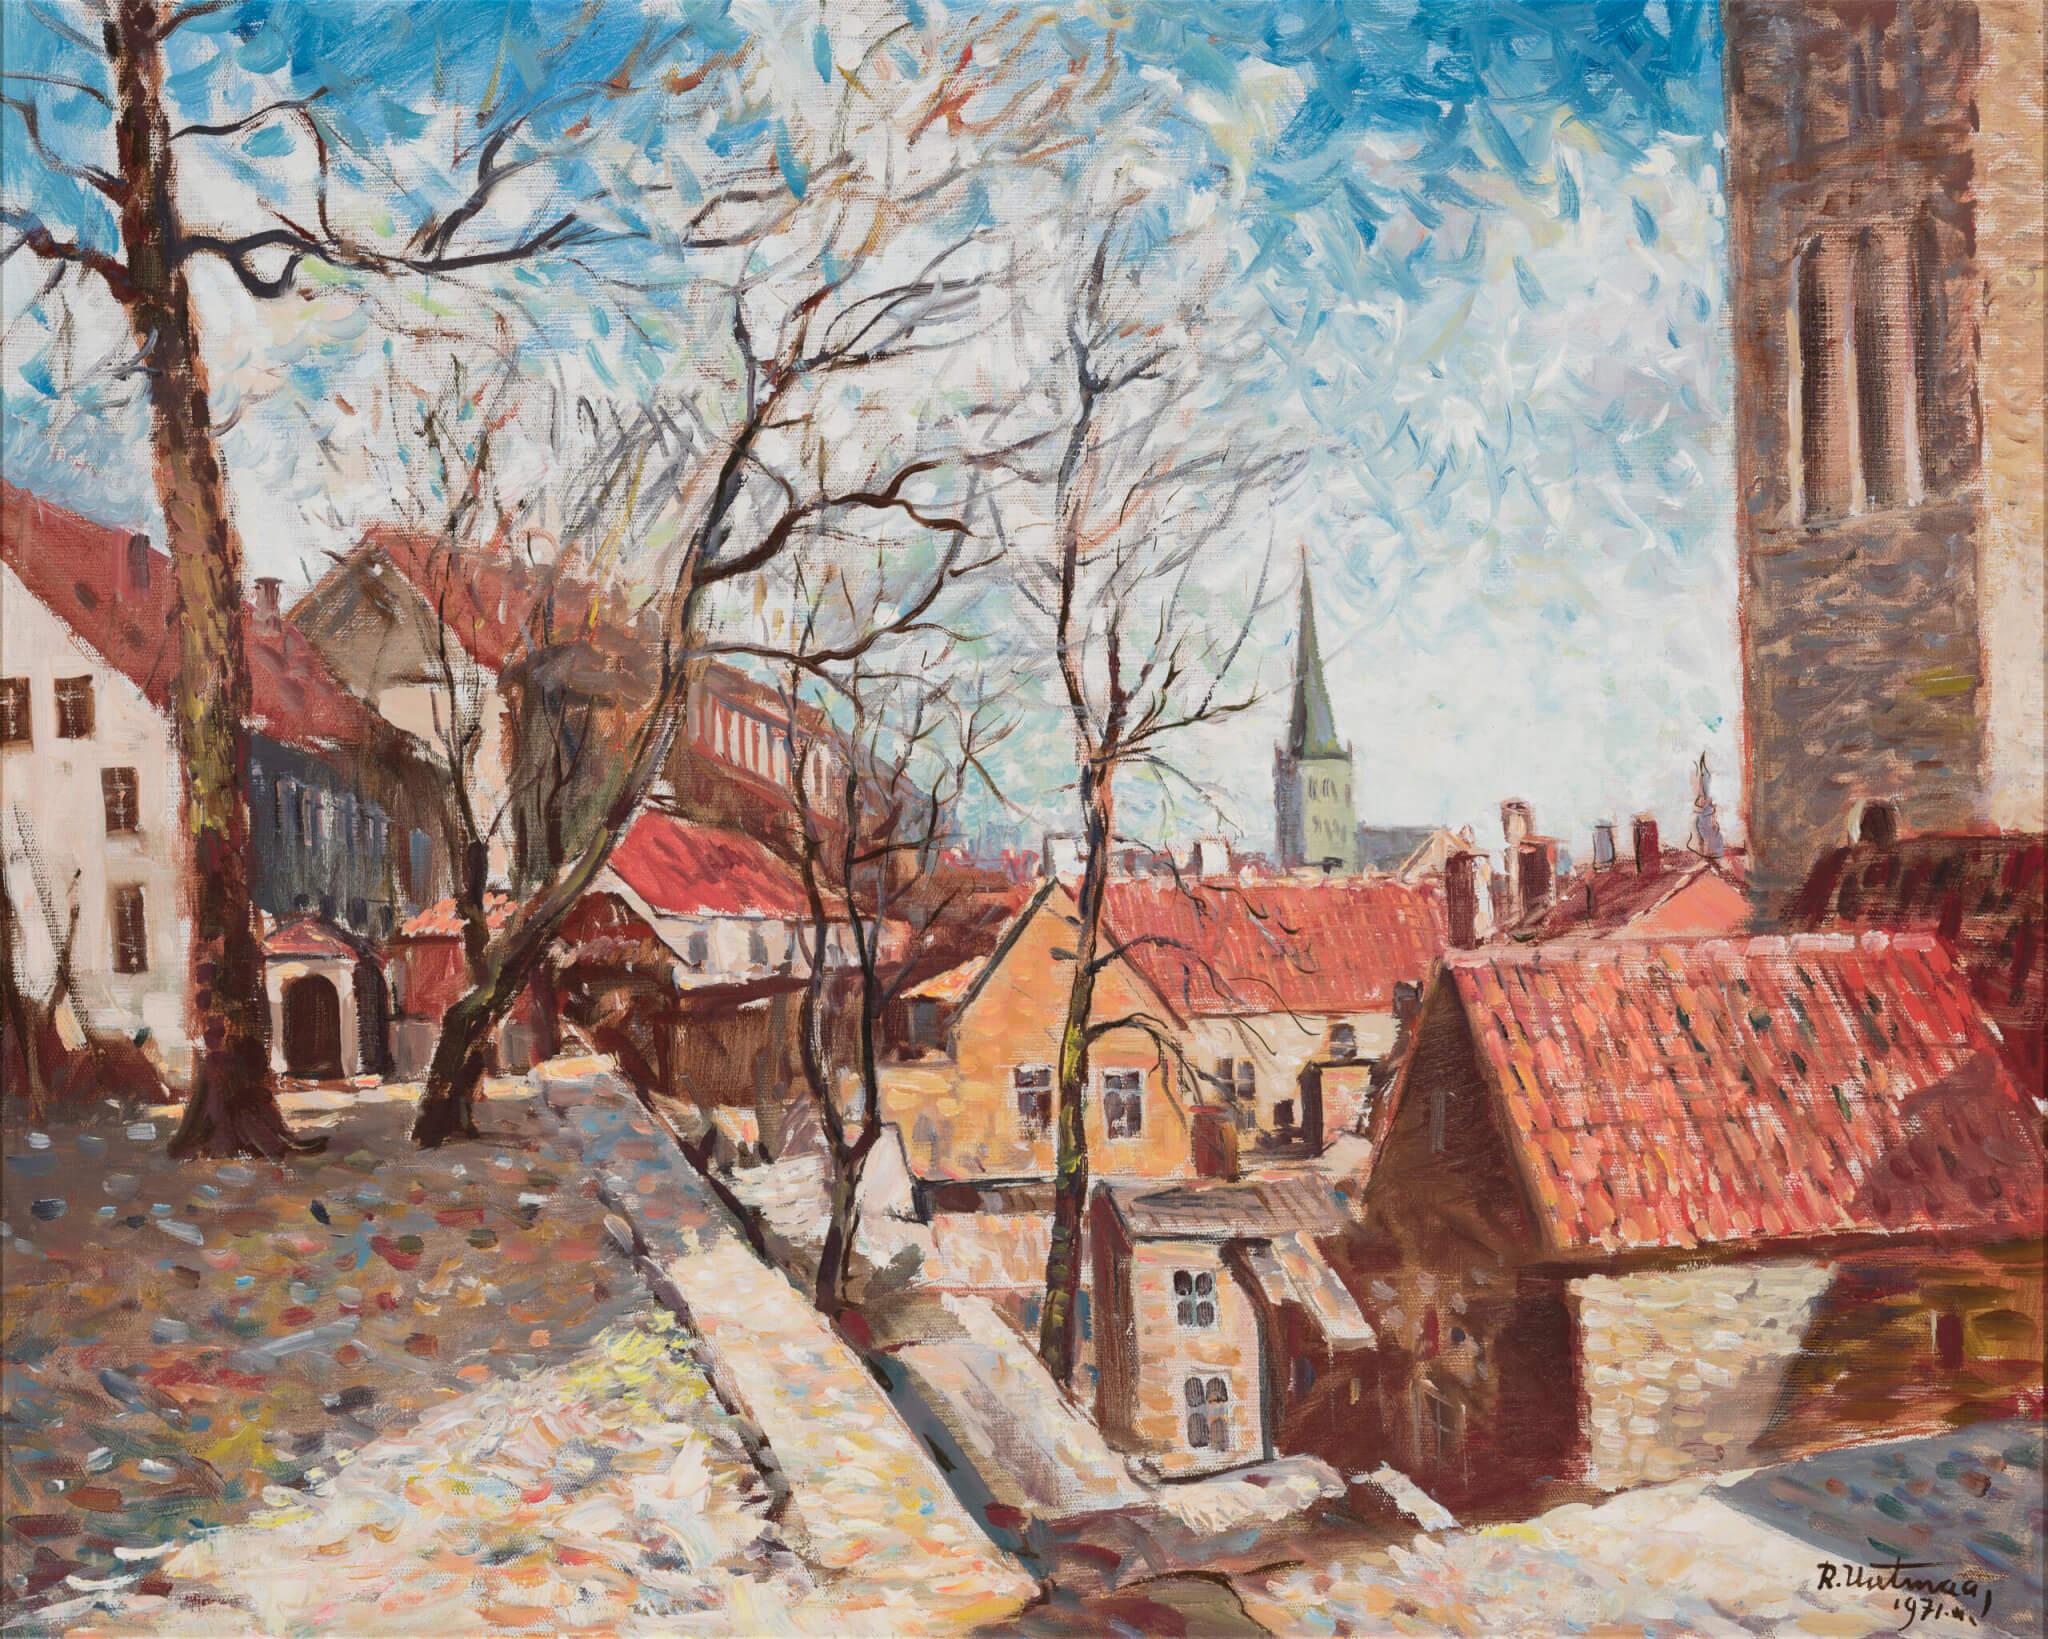 Richard-Uutmaa-näitus-Allee-kunstigalerii-Taani-kuninga-aed